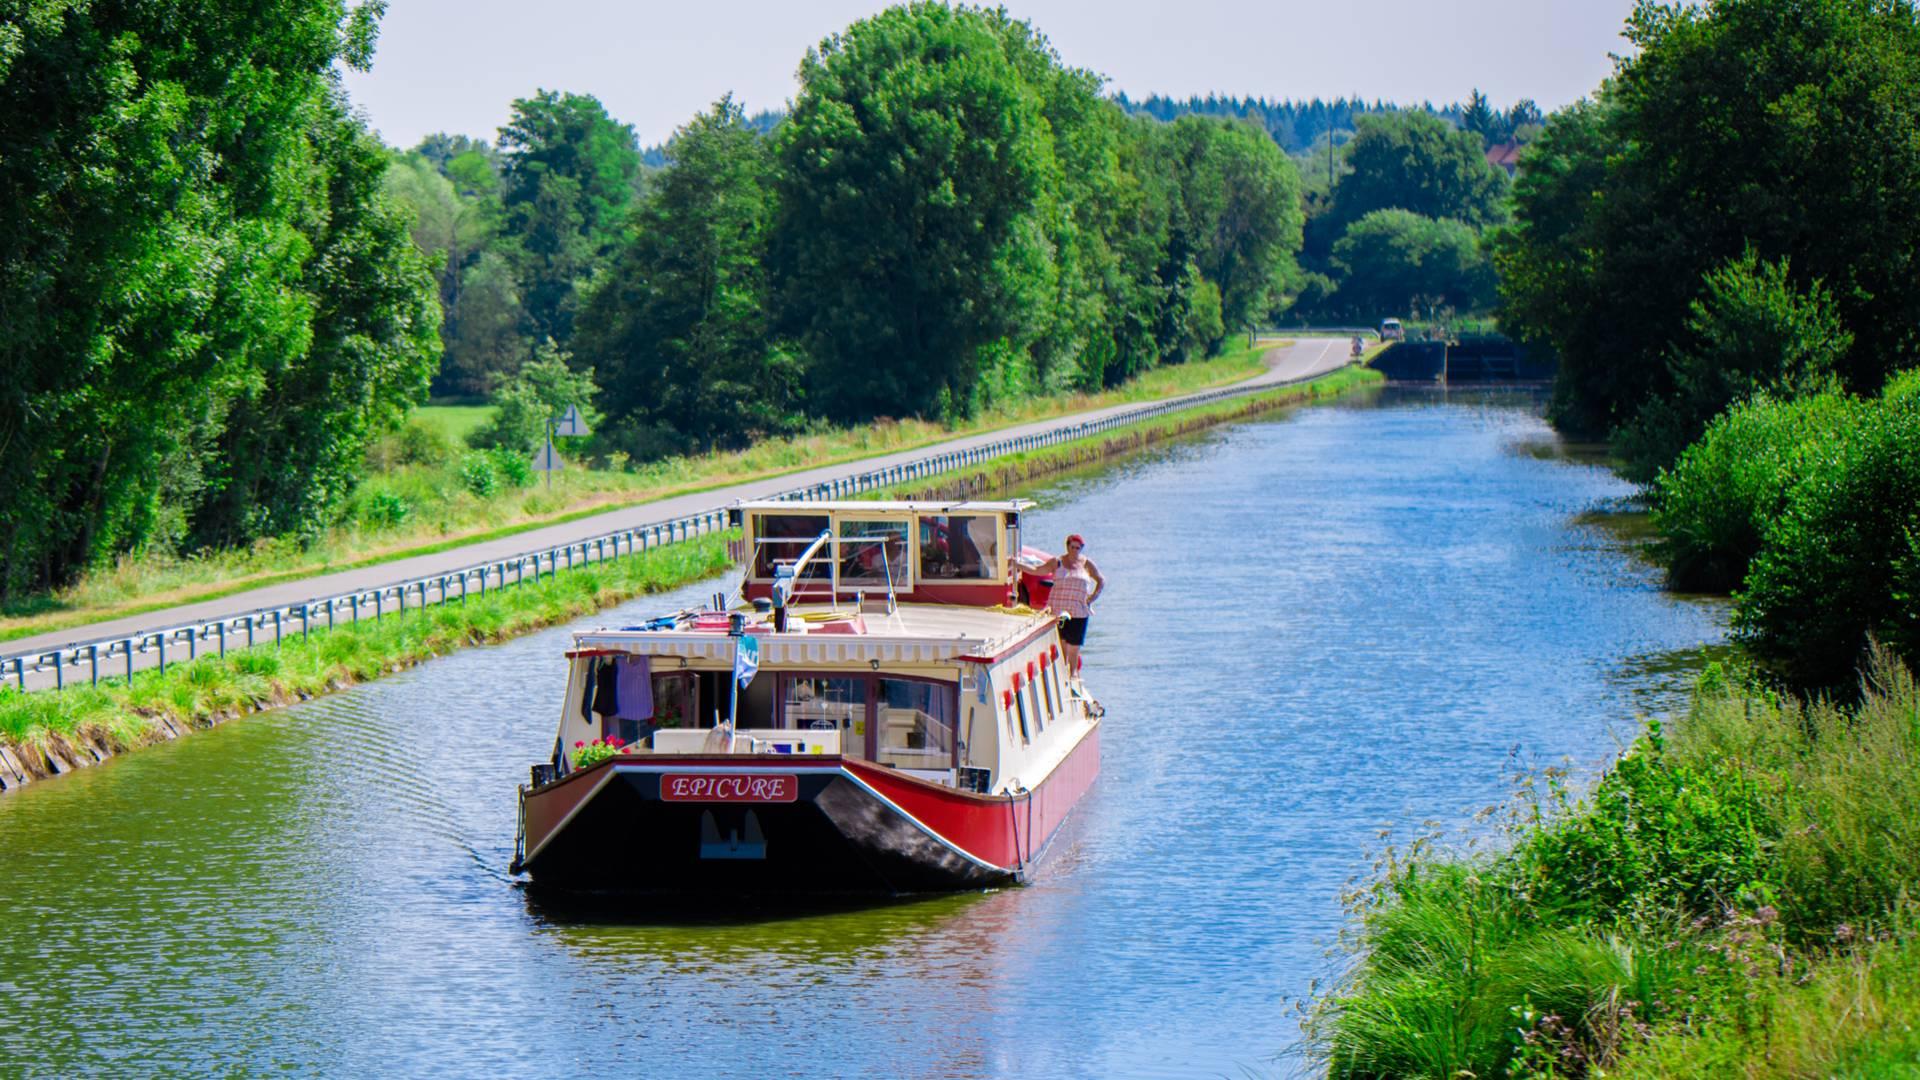 Péniche de plaisance sur e canal du Centre. © Franck Juillot - Creusot Montceau Tourisme.